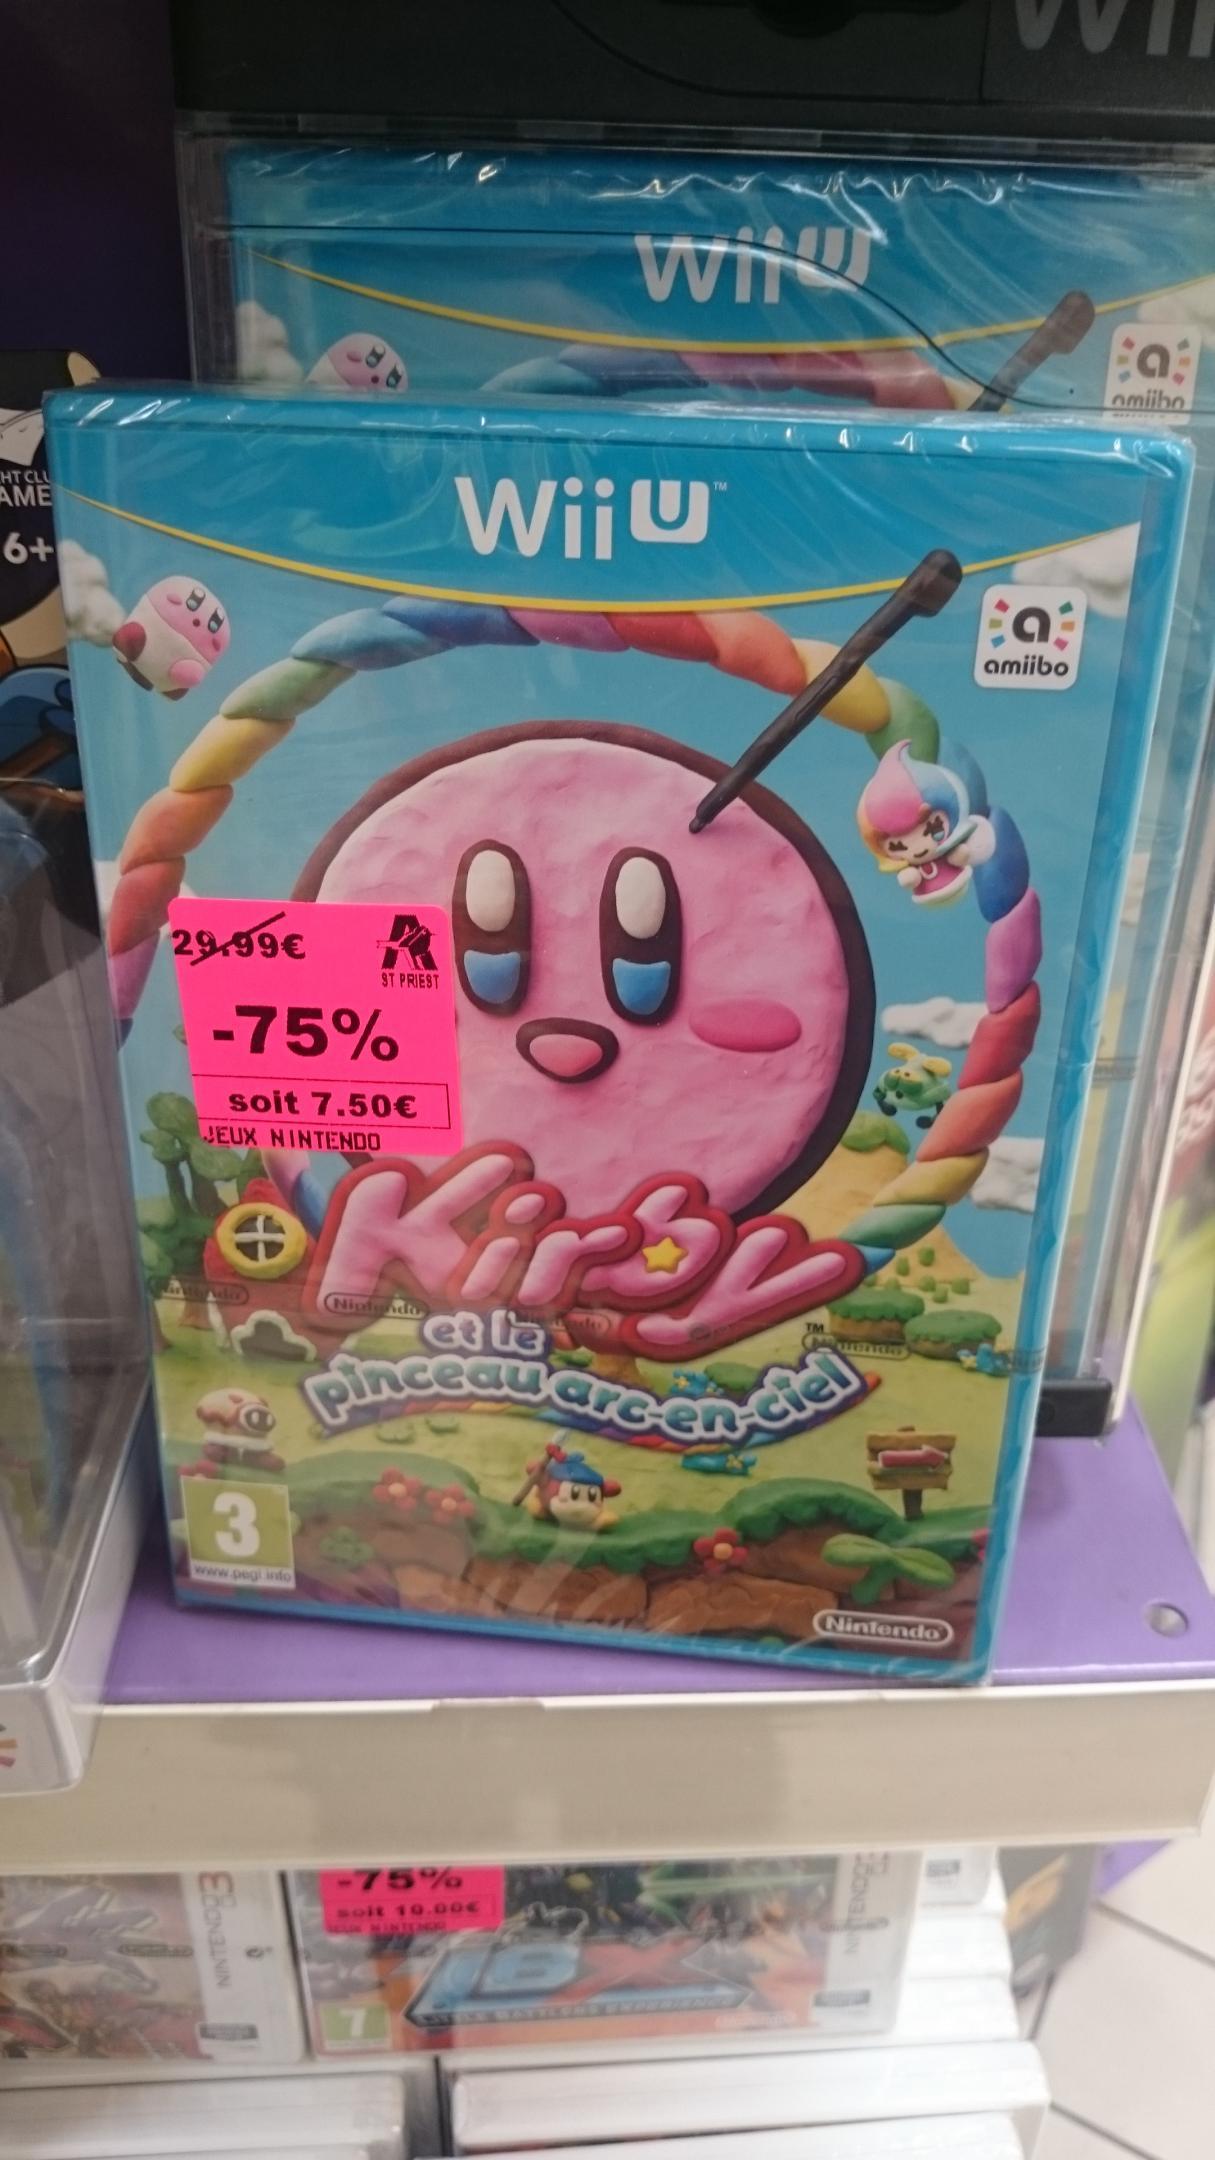 Sélection de jeux en promotion - Ex: Kirby et Le Pinceau arc-en-ciel sur Wii U et autres promos